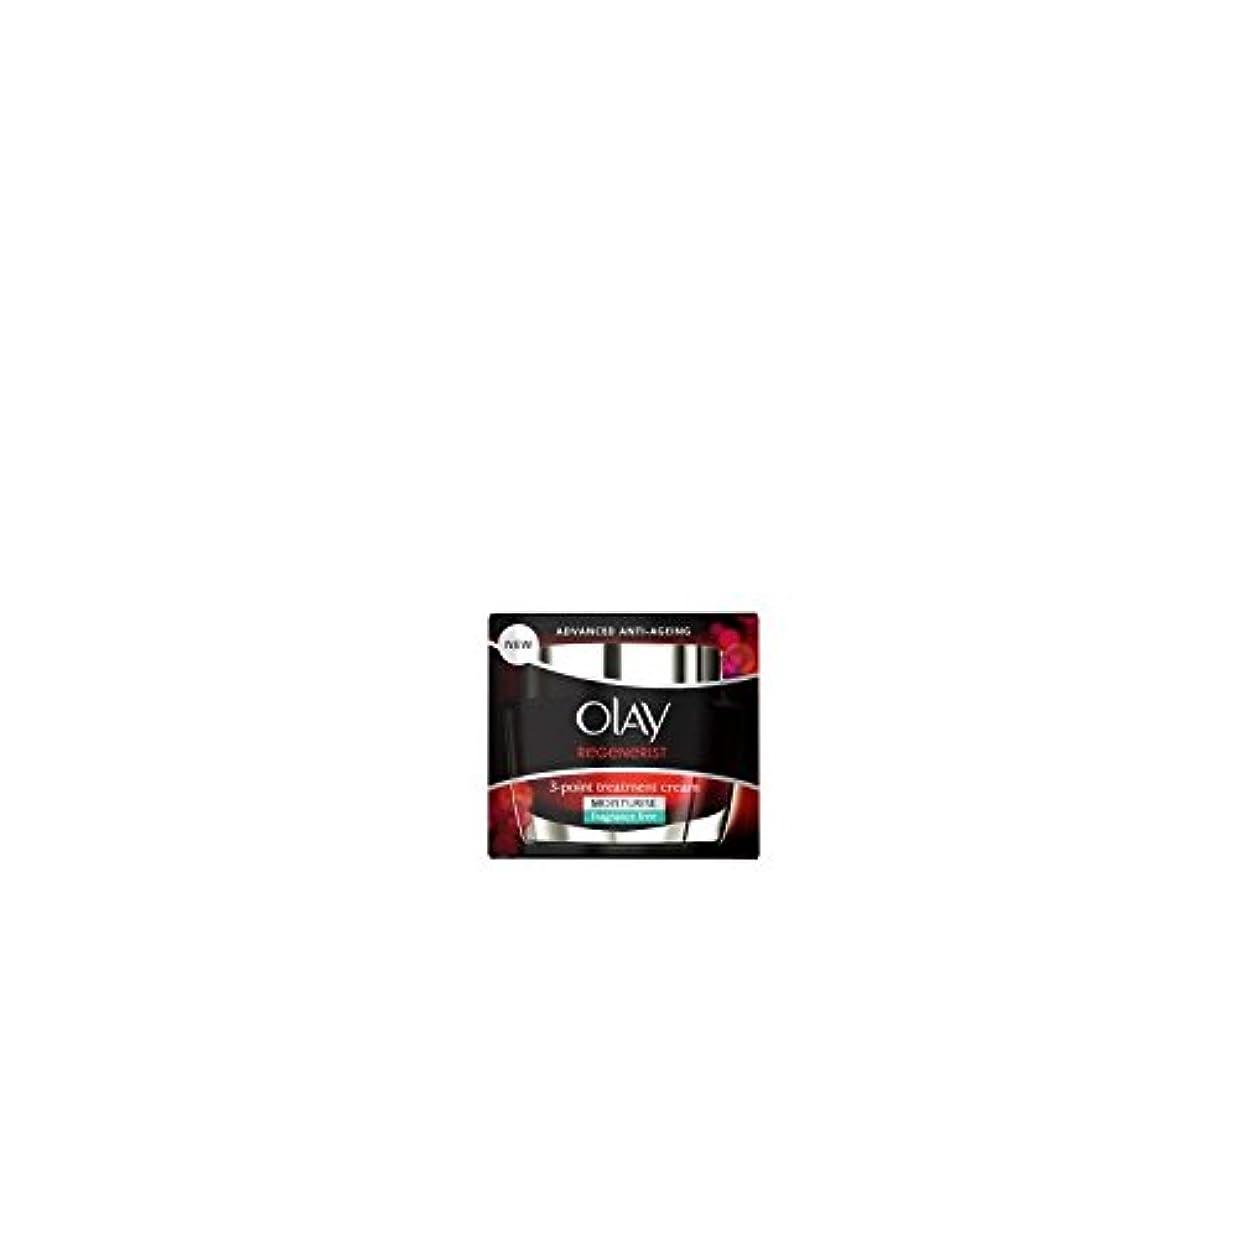 フライト満足させる夜オーレイリジェネ3ポイントトリートメントクリーム(無香料)(50ミリリットル) x2 - Olay Regenerist 3 Point Treatment Cream (Fragrance Free) (50ml) (...